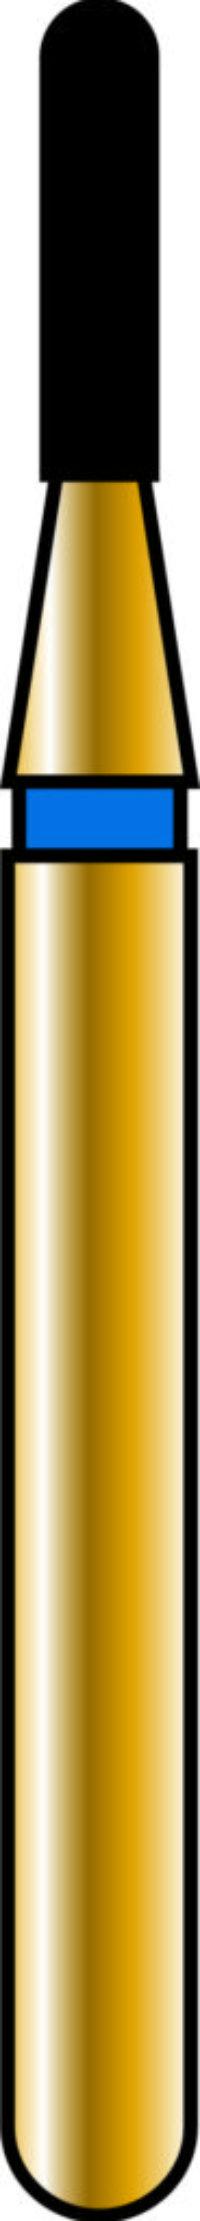 Round End Cylinder 10-4mm Gold Diamond Bur